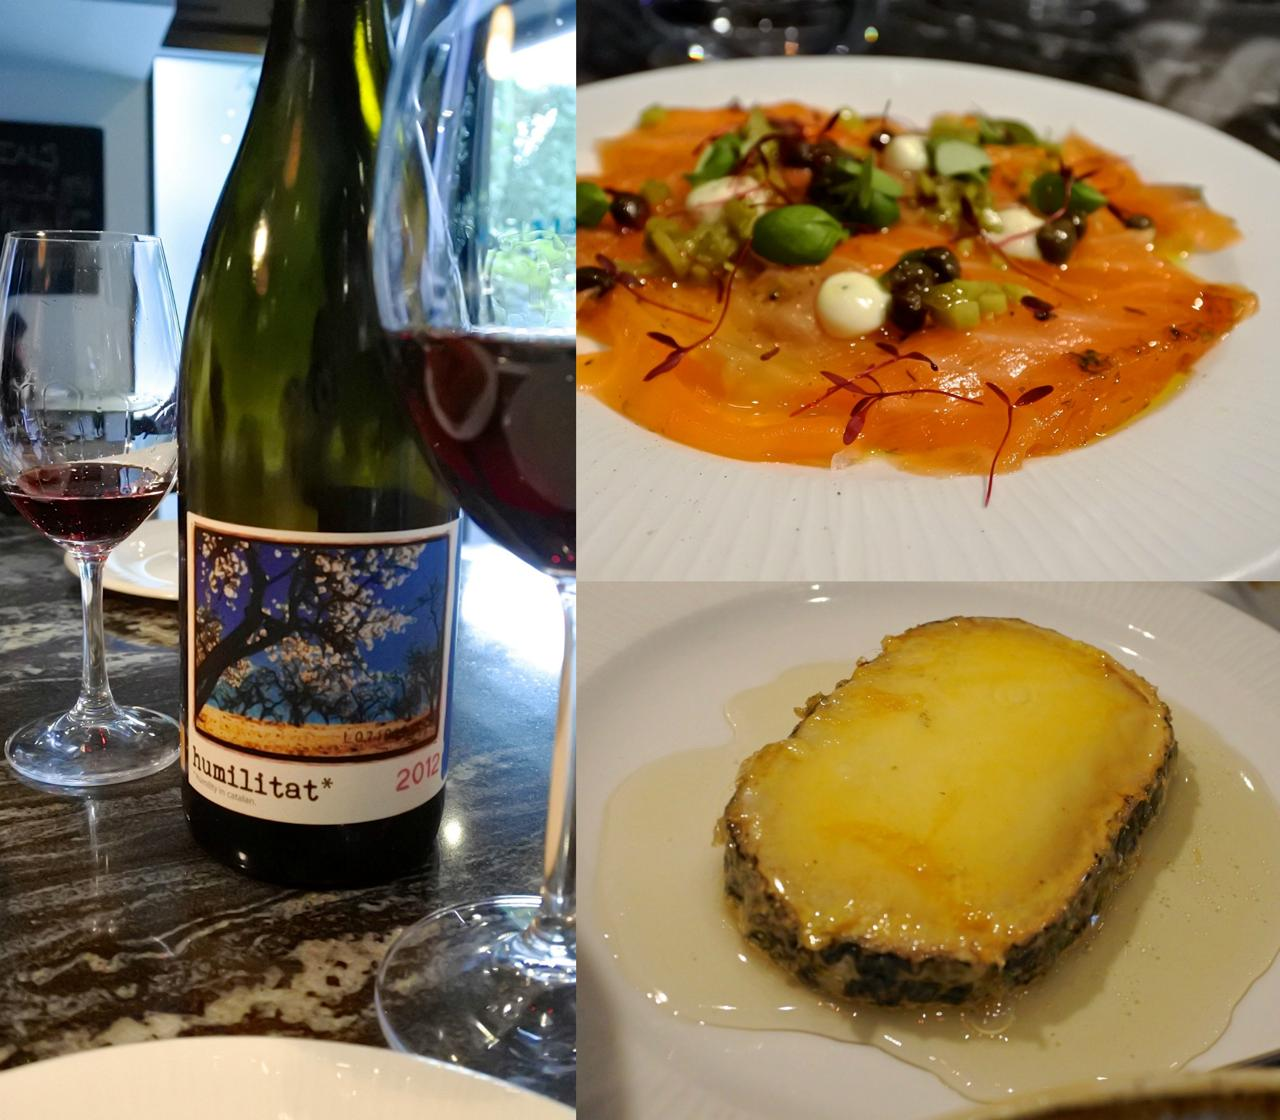 スペイン産ワイン・リストが大充実。このワイン、ものすごく美味しかったです